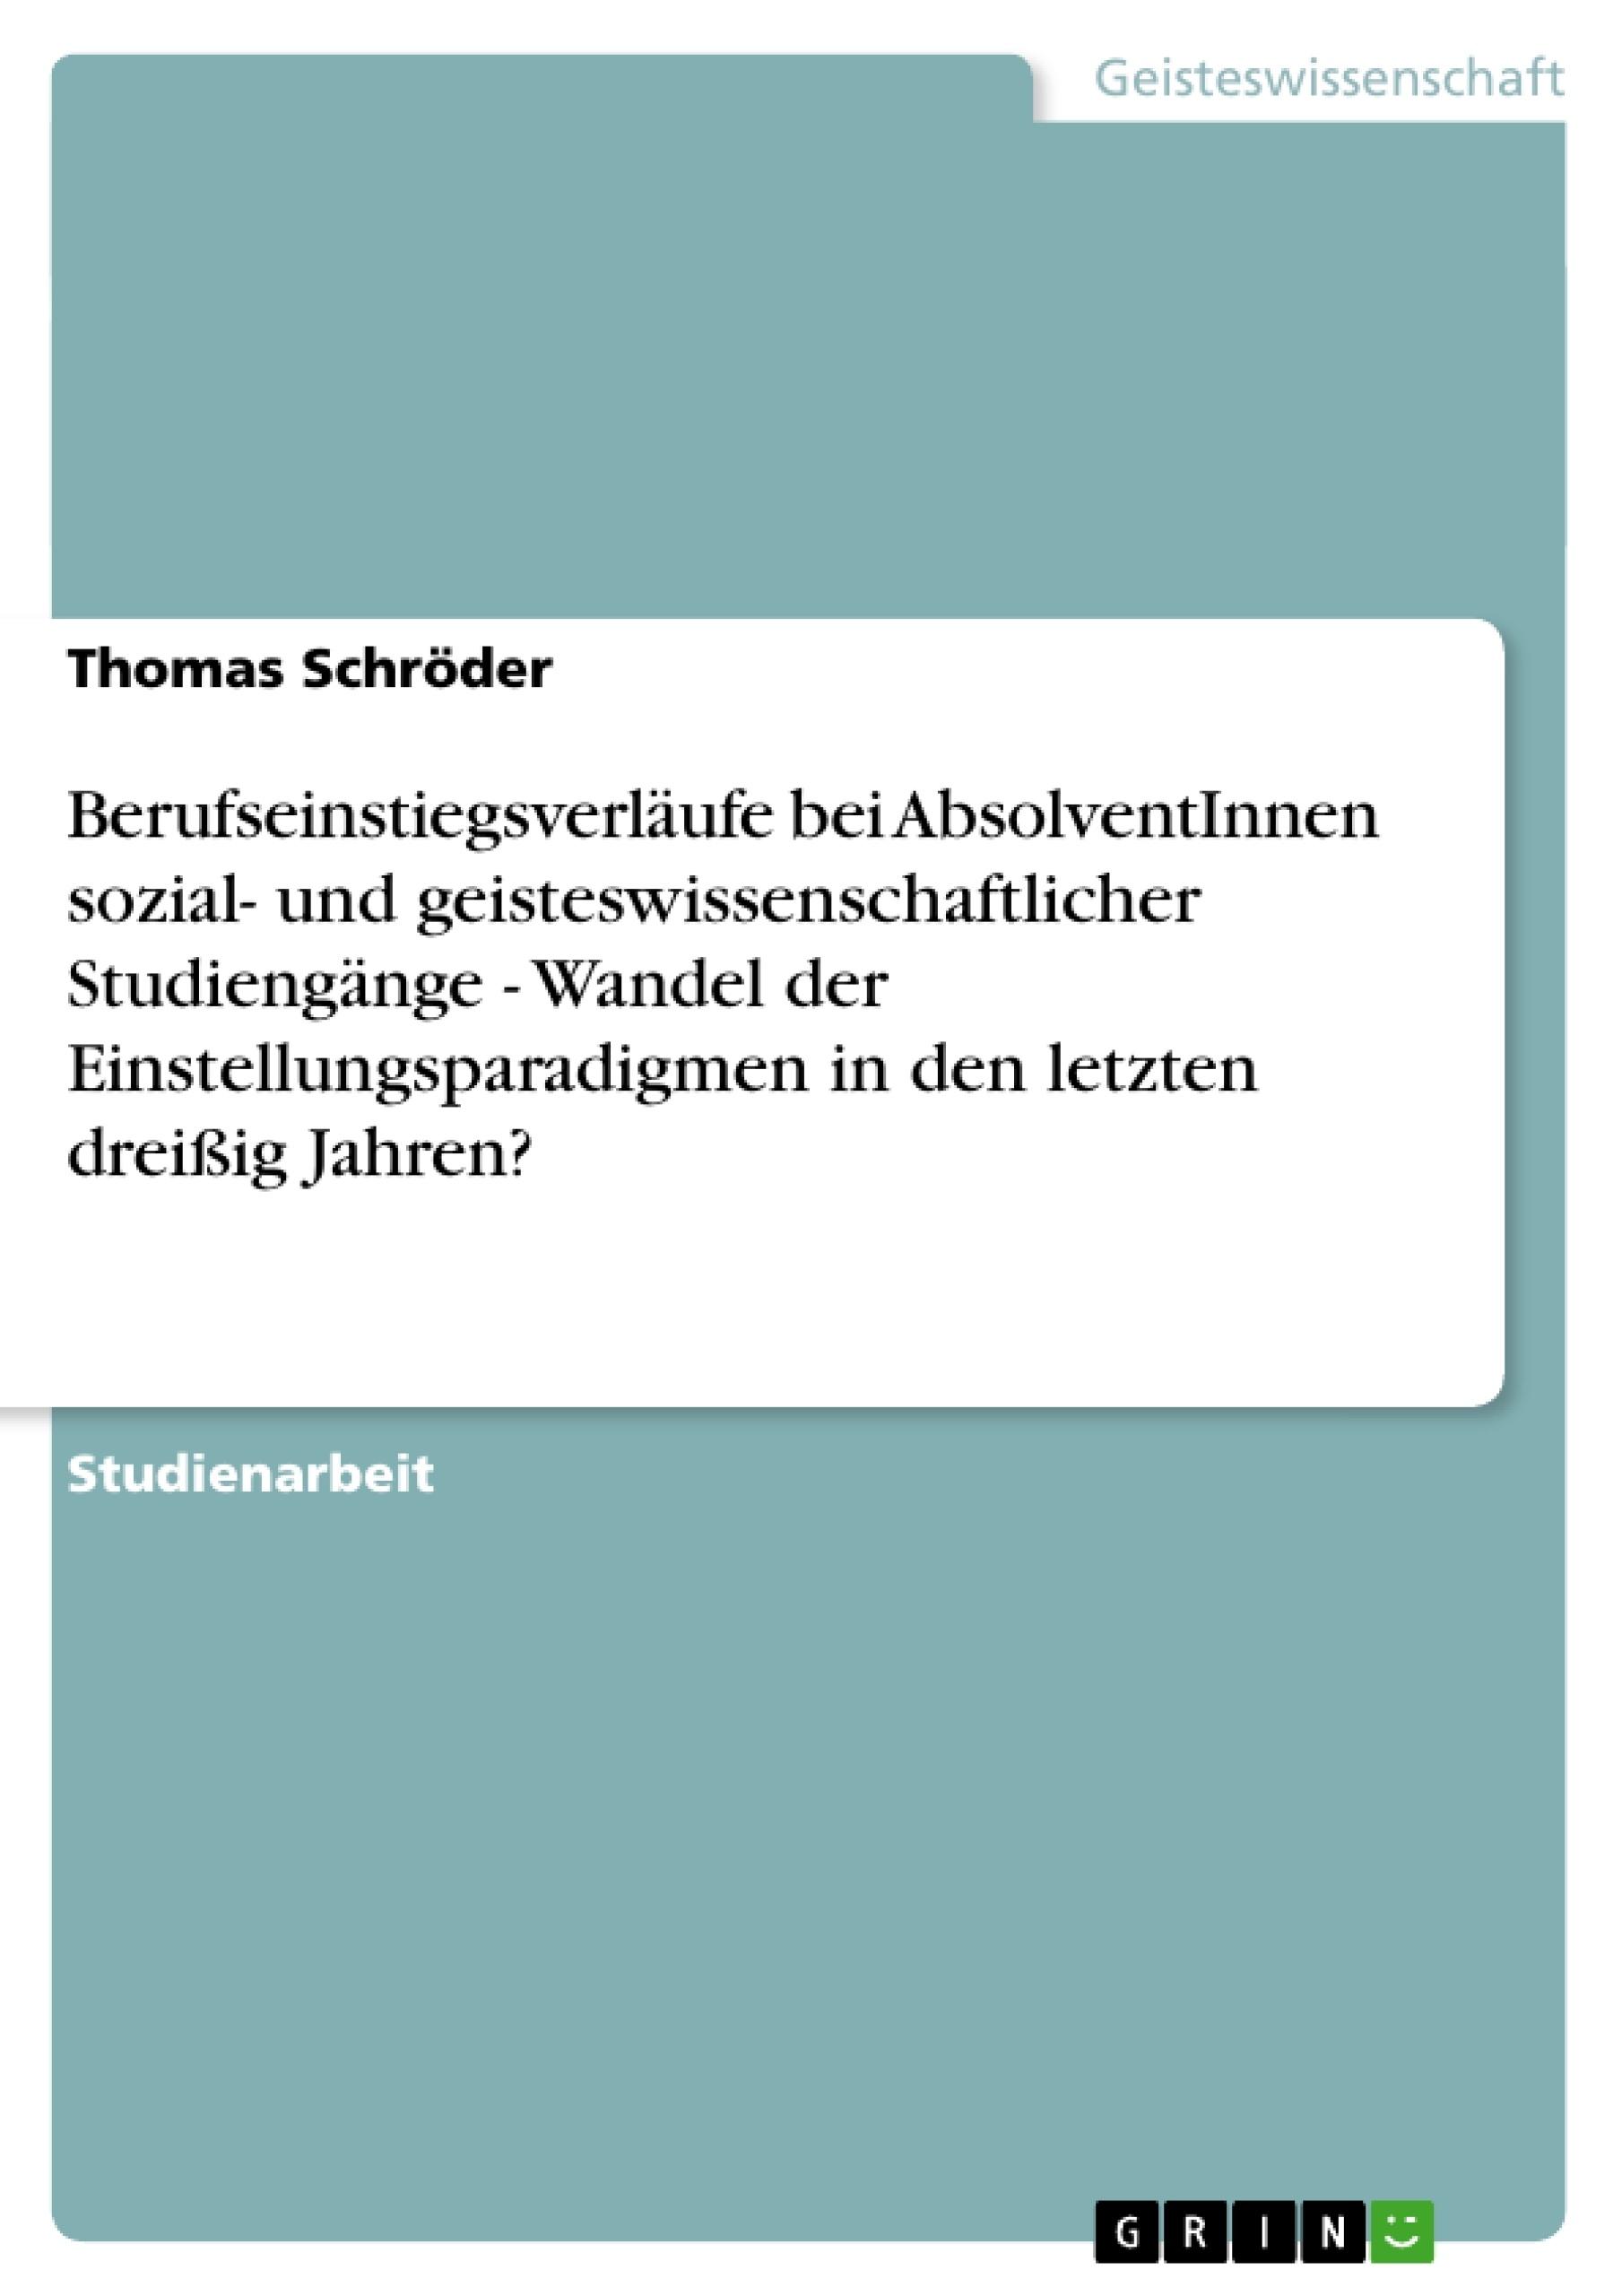 Titel: Berufseinstiegsverläufe bei AbsolventInnen sozial- und geisteswissenschaftlicher Studiengänge - Wandel der Einstellungsparadigmen in den letzten dreißig Jahren?